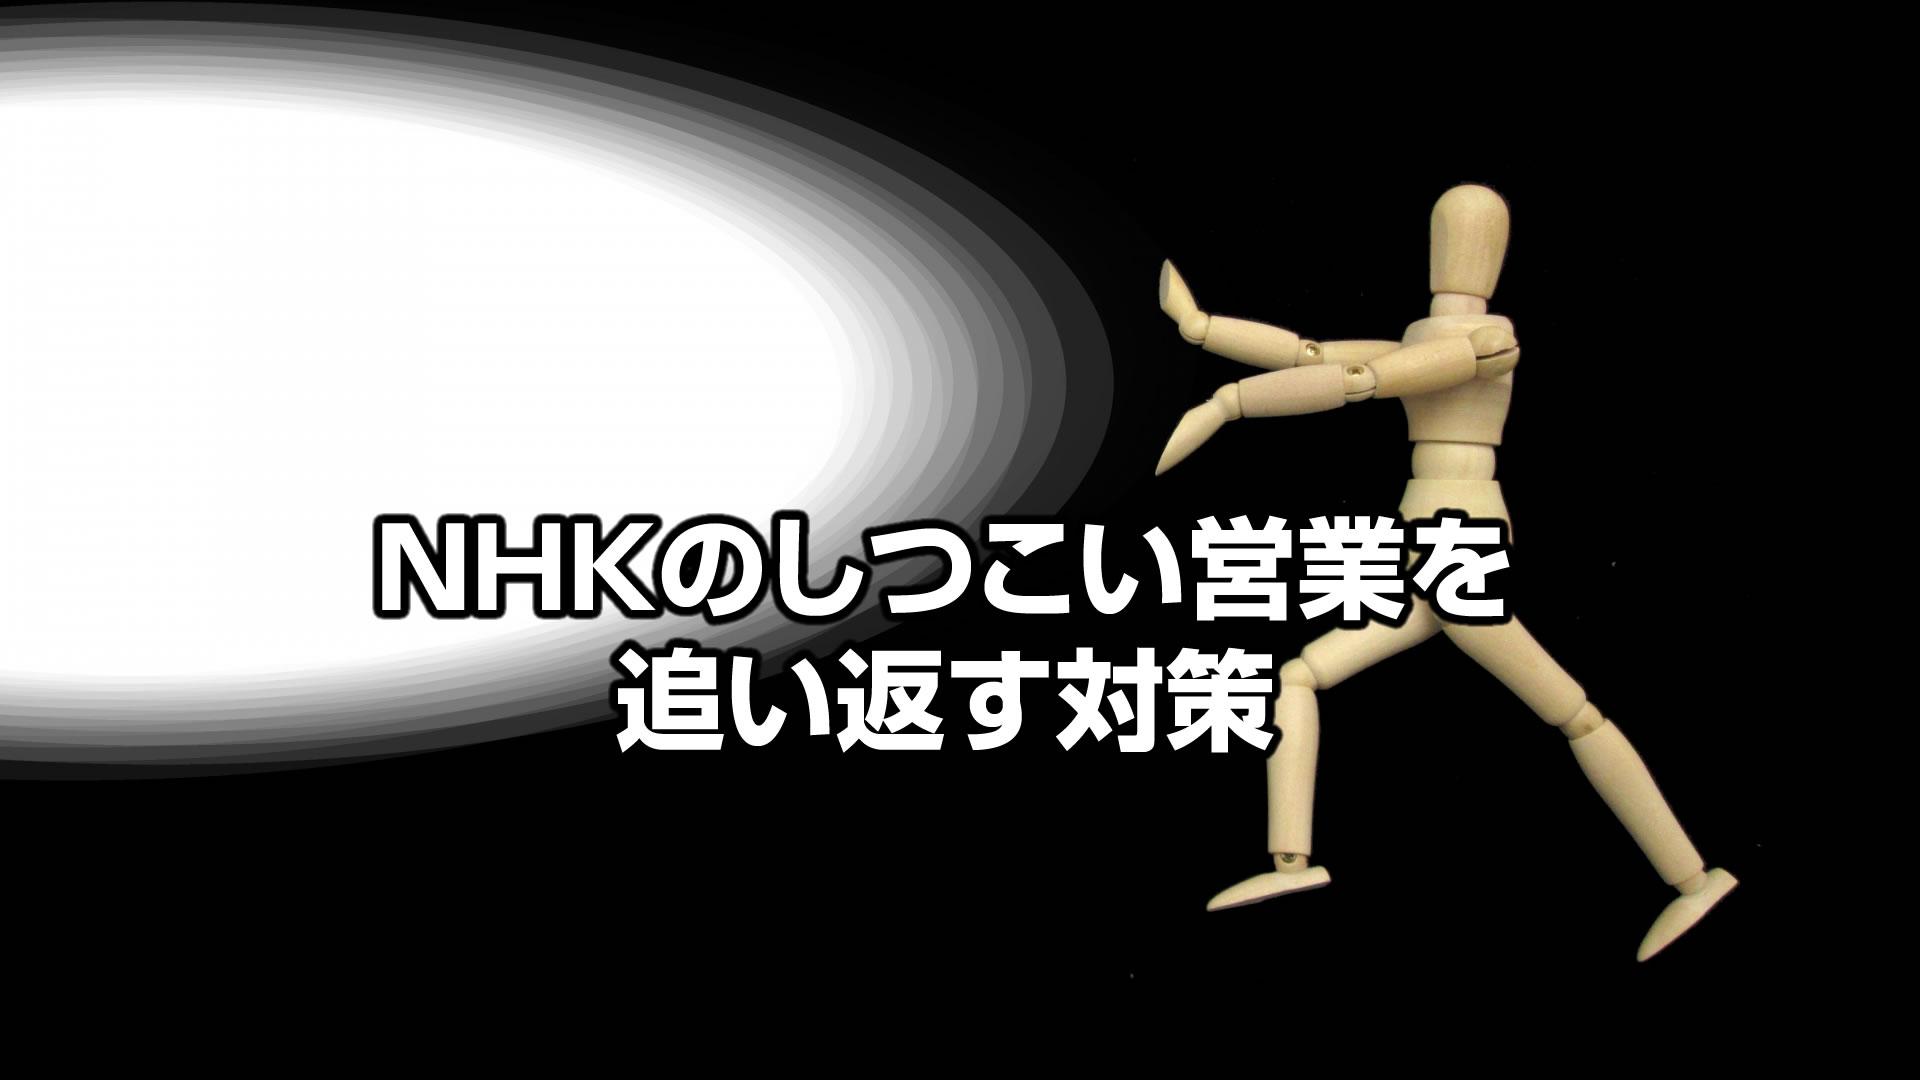 NHKのしつこい営業を追い返す対策方法